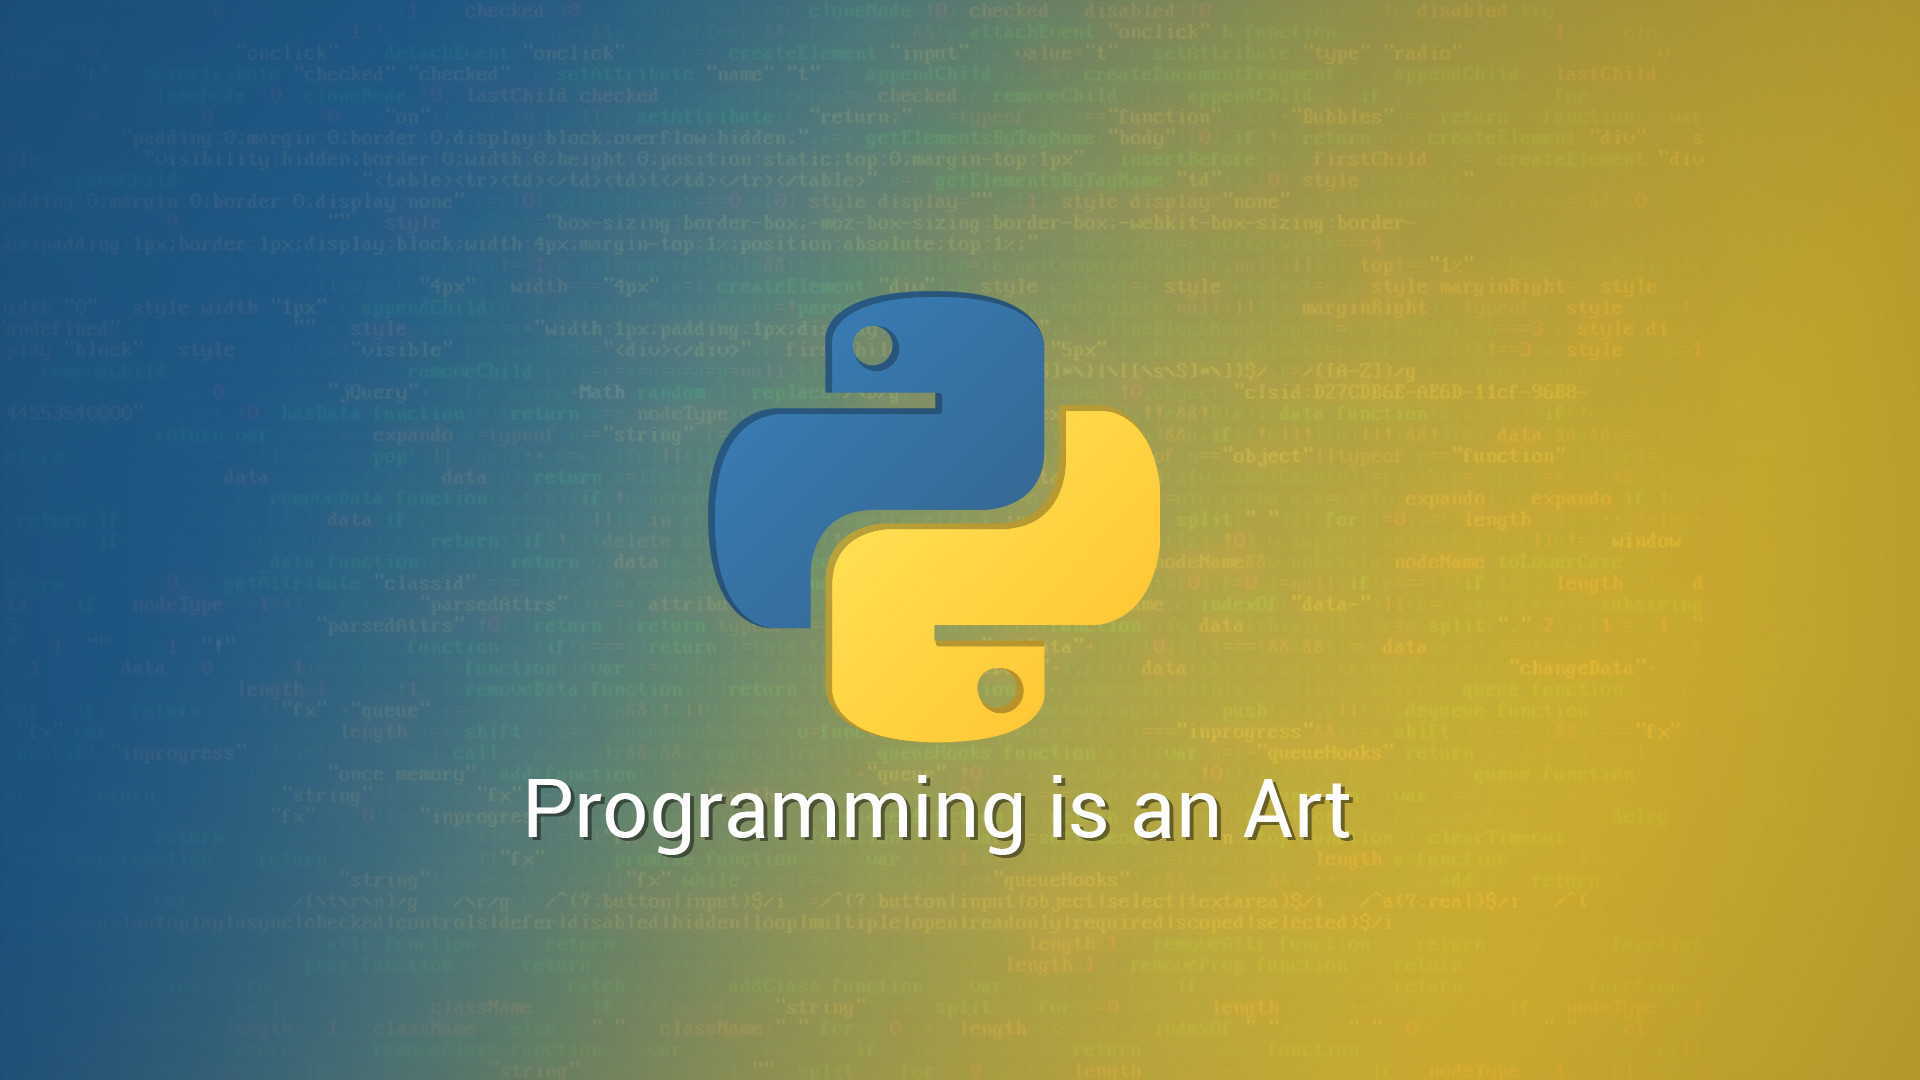 Python Programming Wallpaper – WallpaperSafari